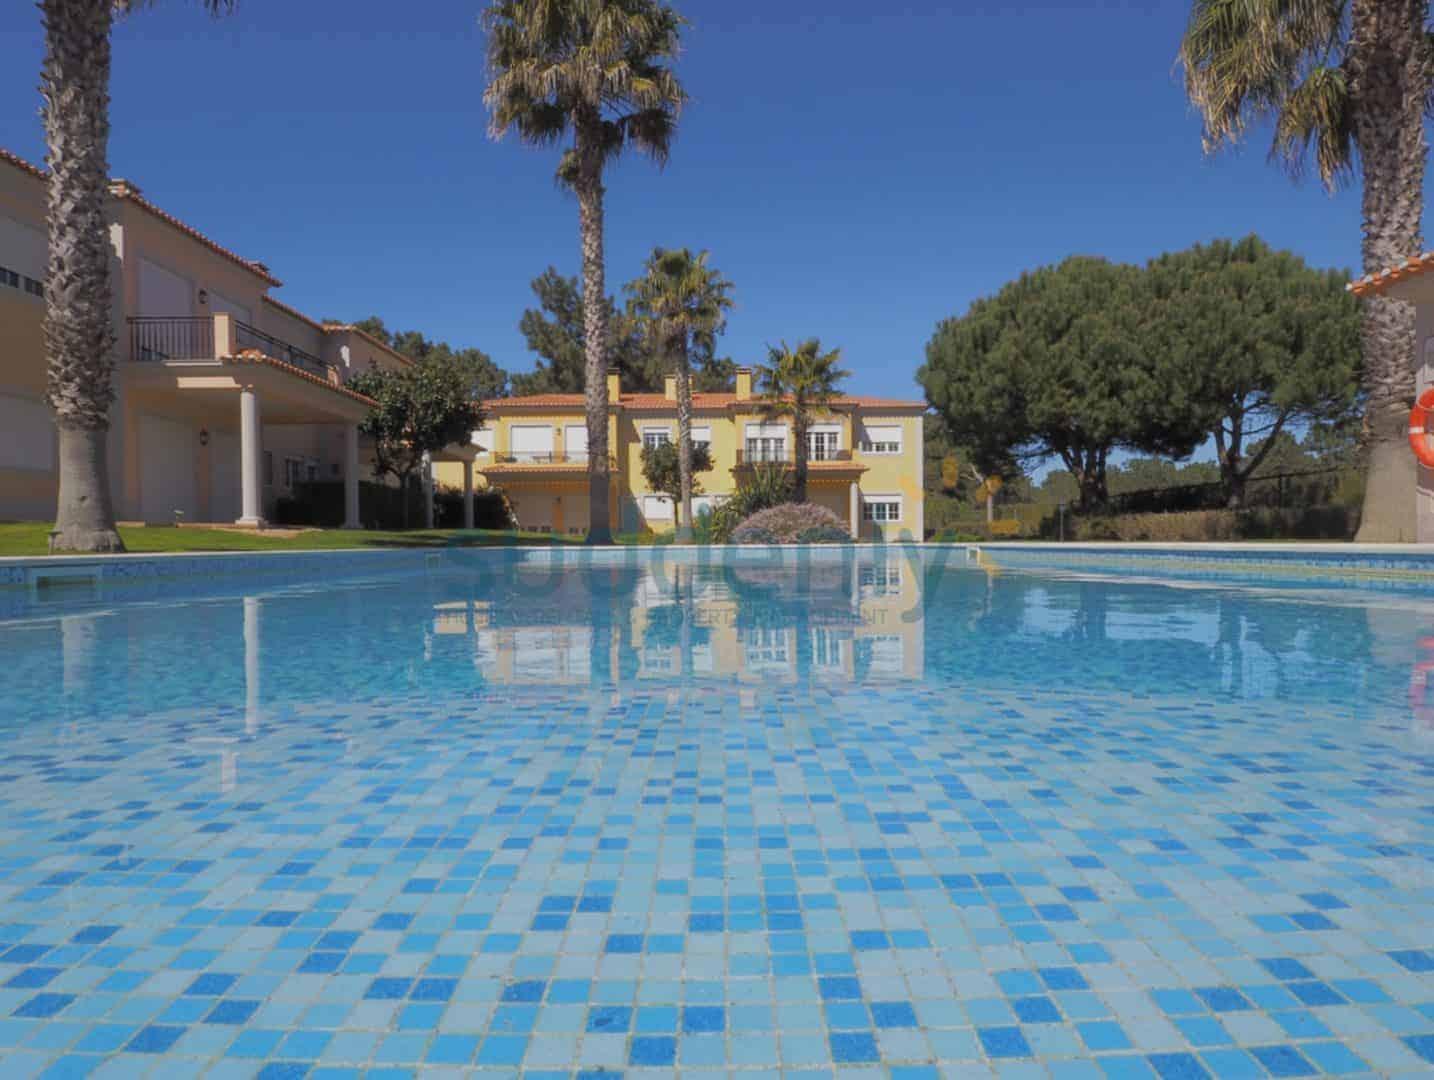 Holiday Rentals in Praia D'El Rey 206